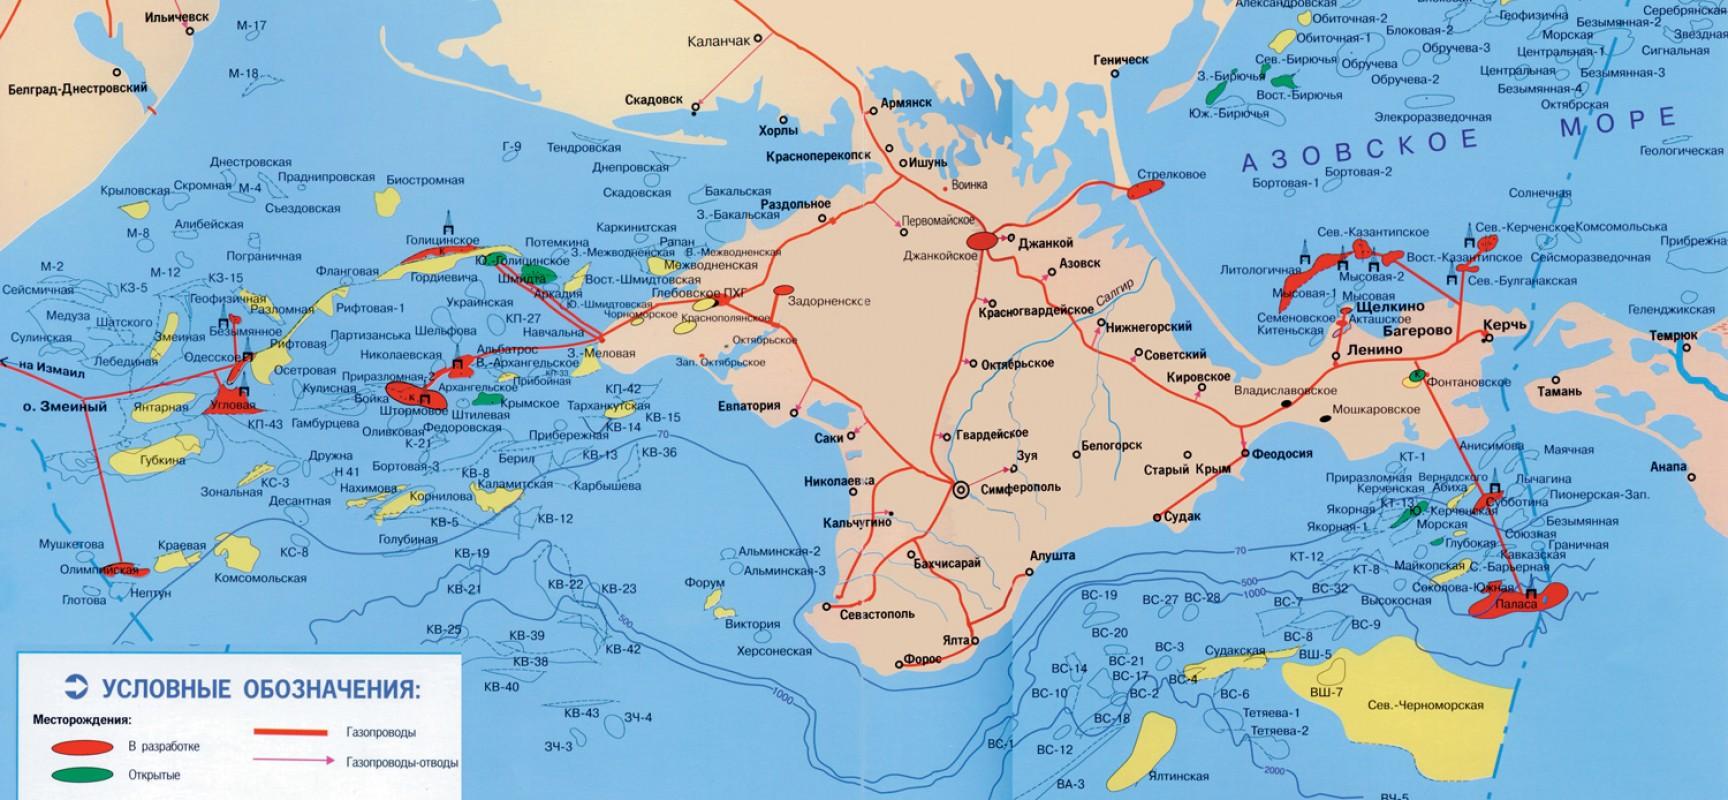 В Минтопэнерго Крыма рассказали о газопроводе под Керченским проливом и подорожании энергоресурсов